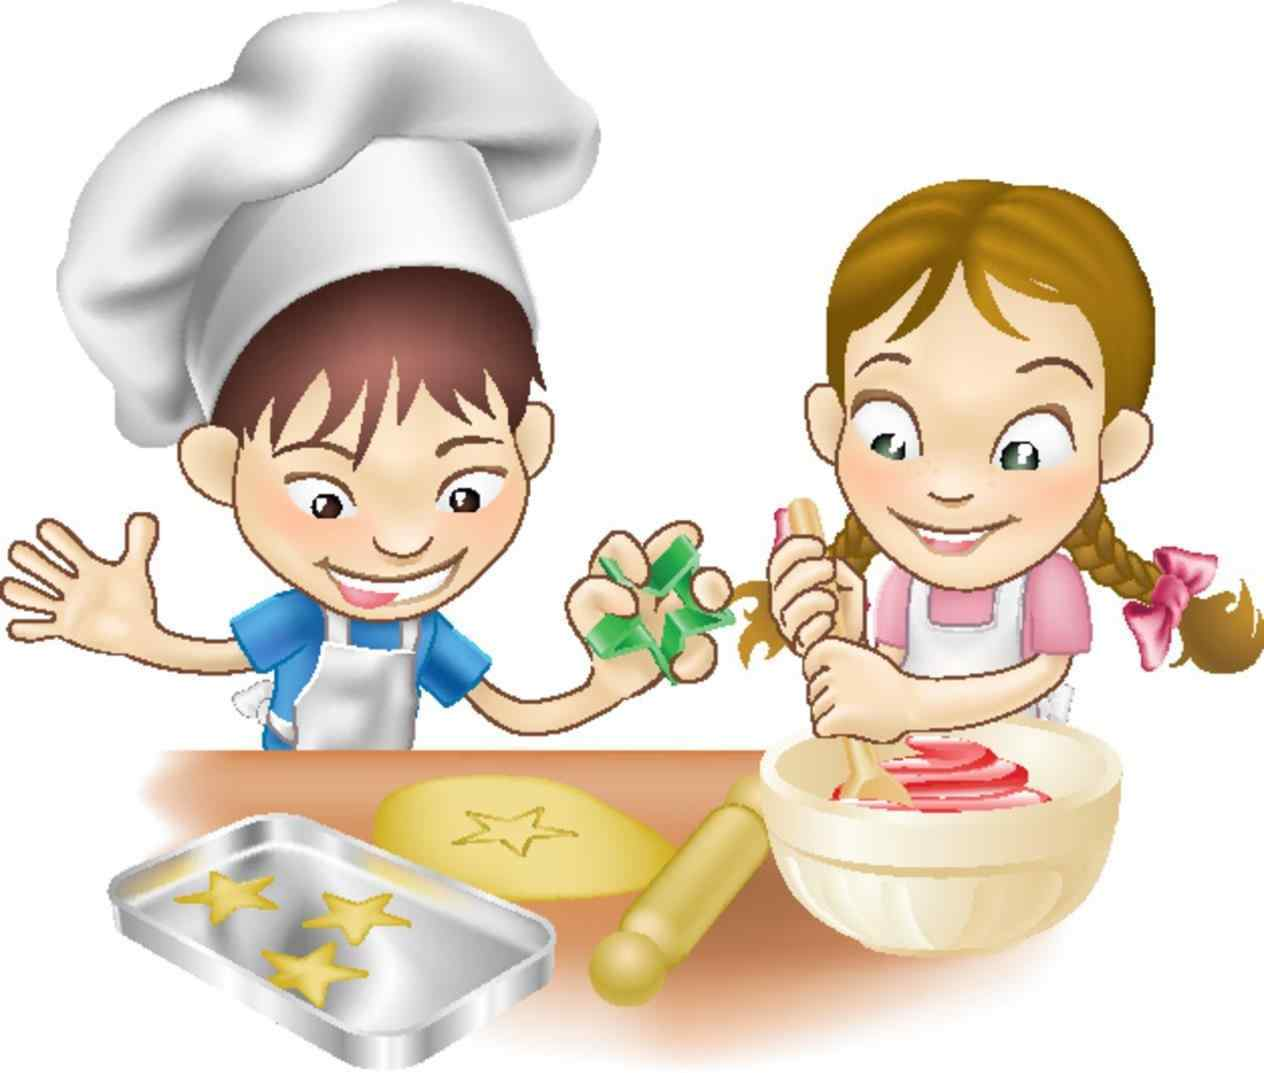 Kids kitchen clipart 1 » Clipart Station.